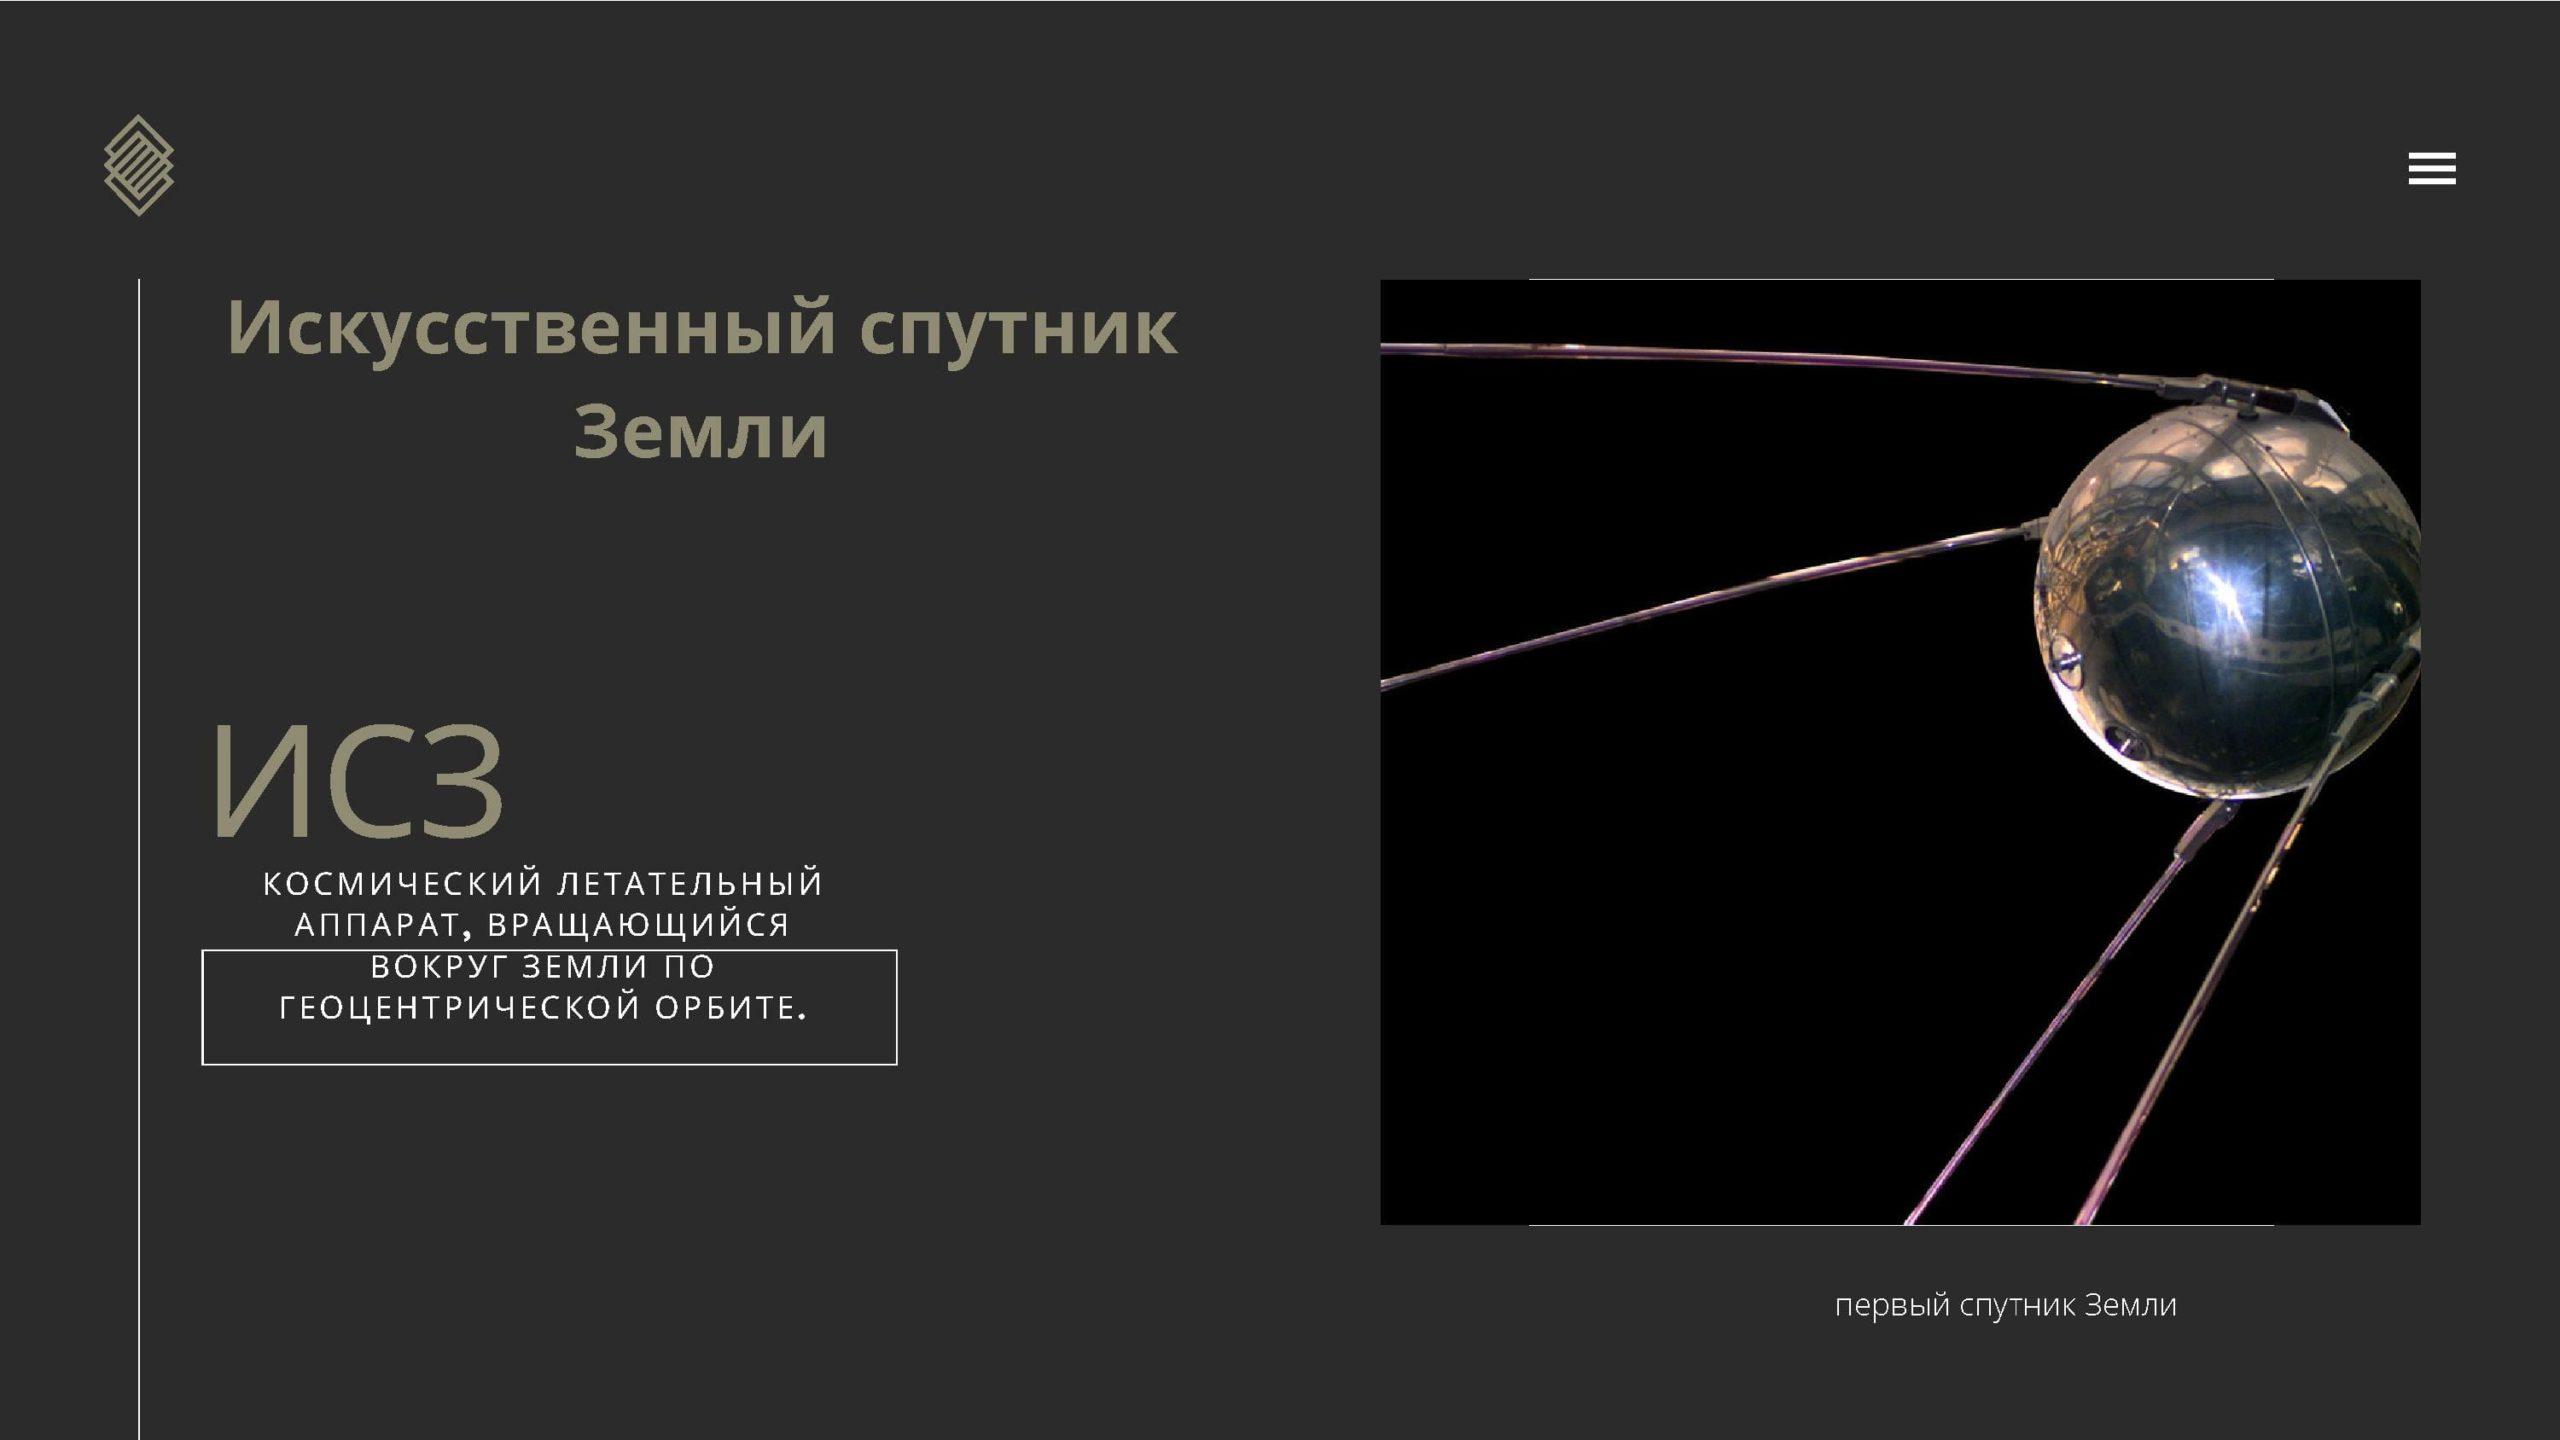 ИСЗ - космический летательный аппарат, вращающийся вокруг Земли по геоцентрической орбите